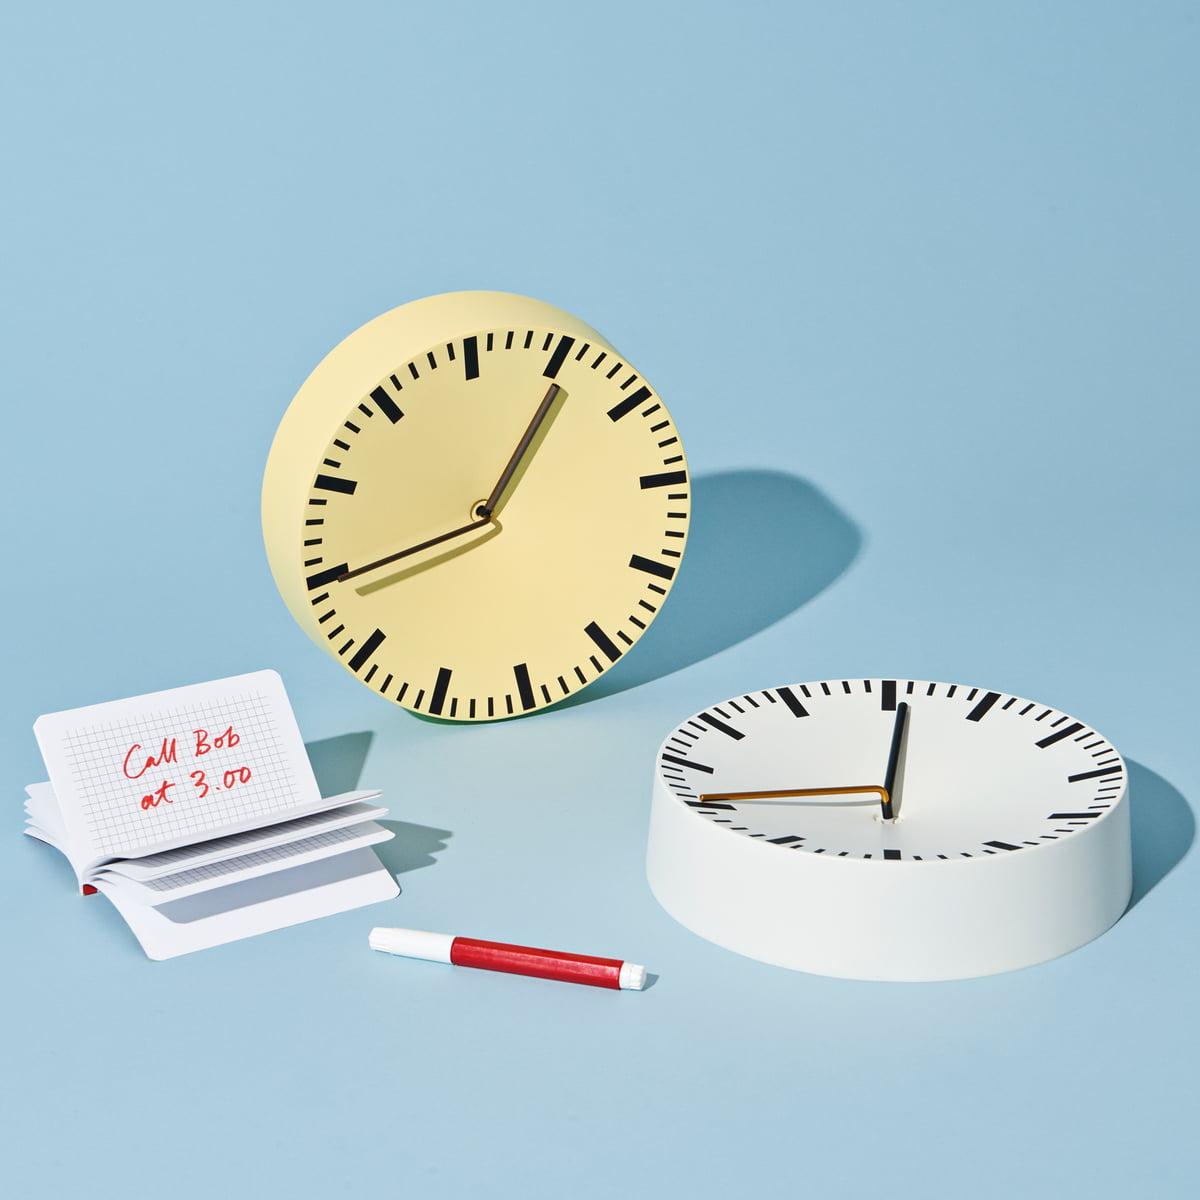 Analog Uhr Von Hay In Weiß Und Hellgelb